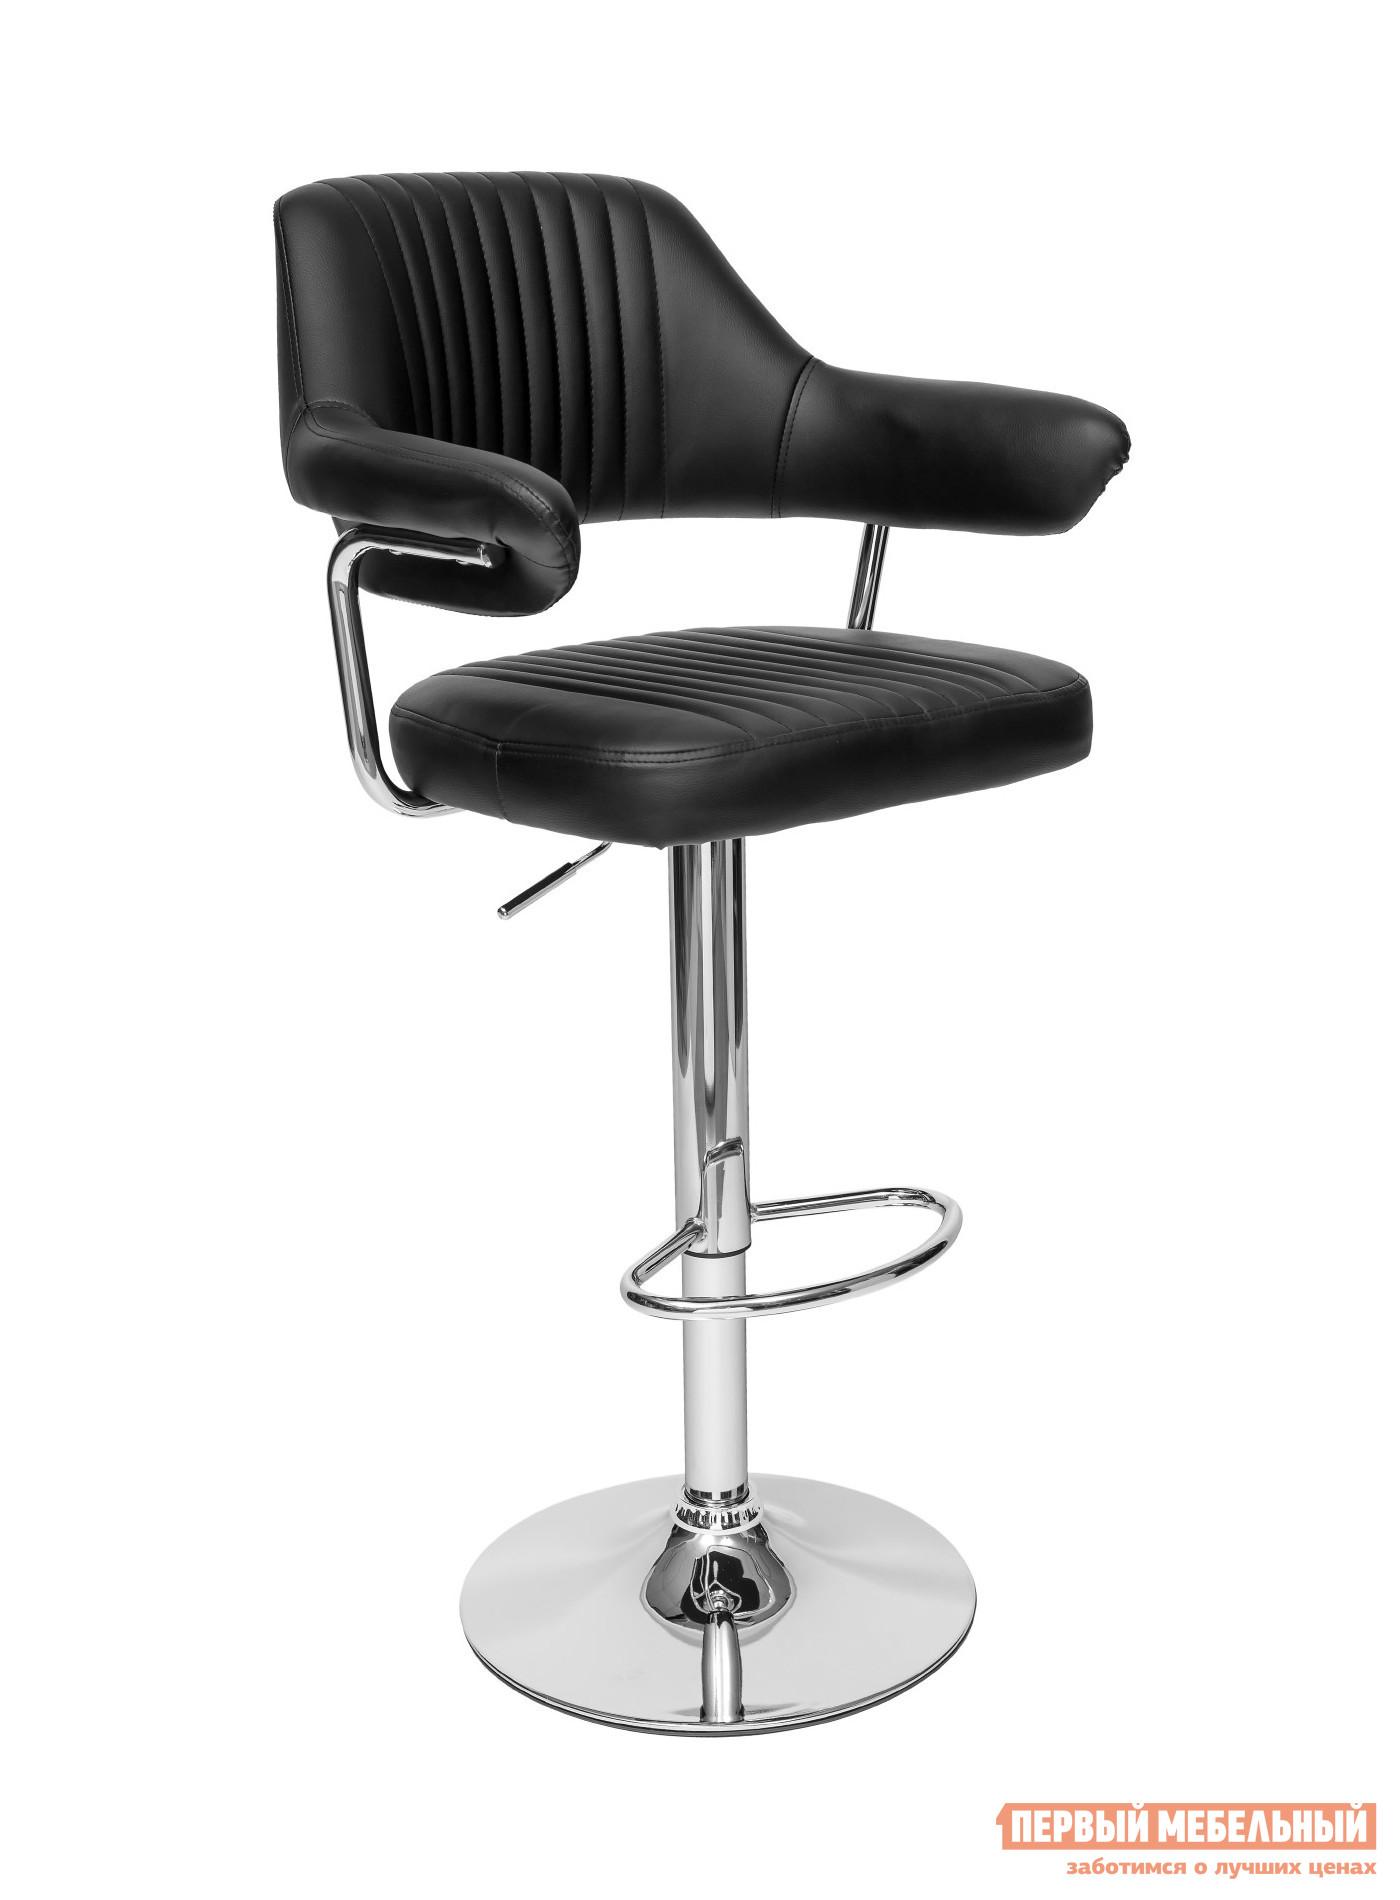 Барный стул Stool Group Либерти KY-799-08 цены онлайн